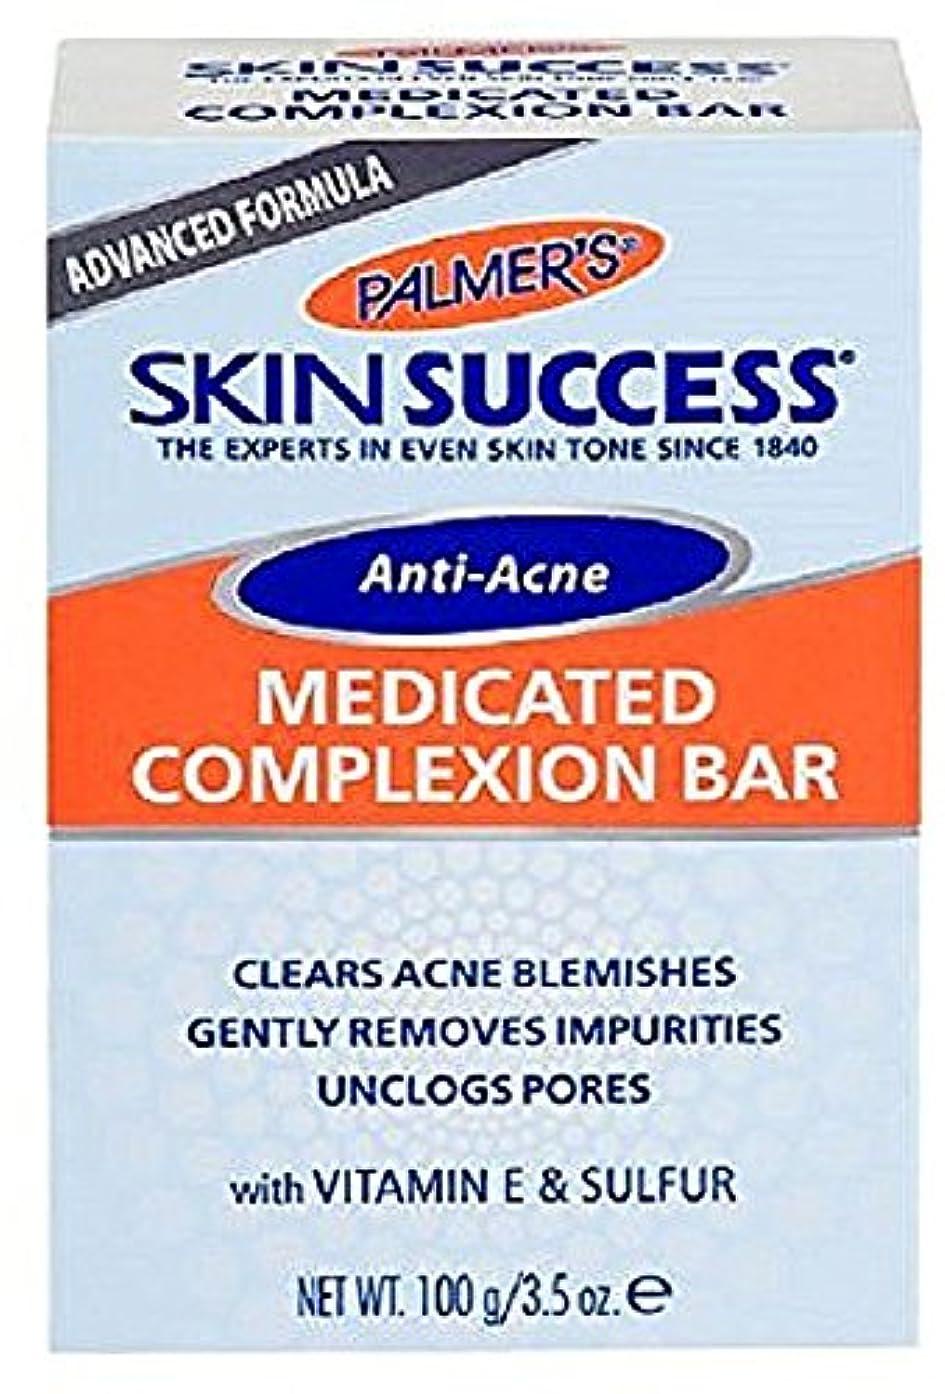 の間で現実的君主制Palmer's 皮膚成功抗菌薬用コンプレクションバー3.50オズ(2パック)